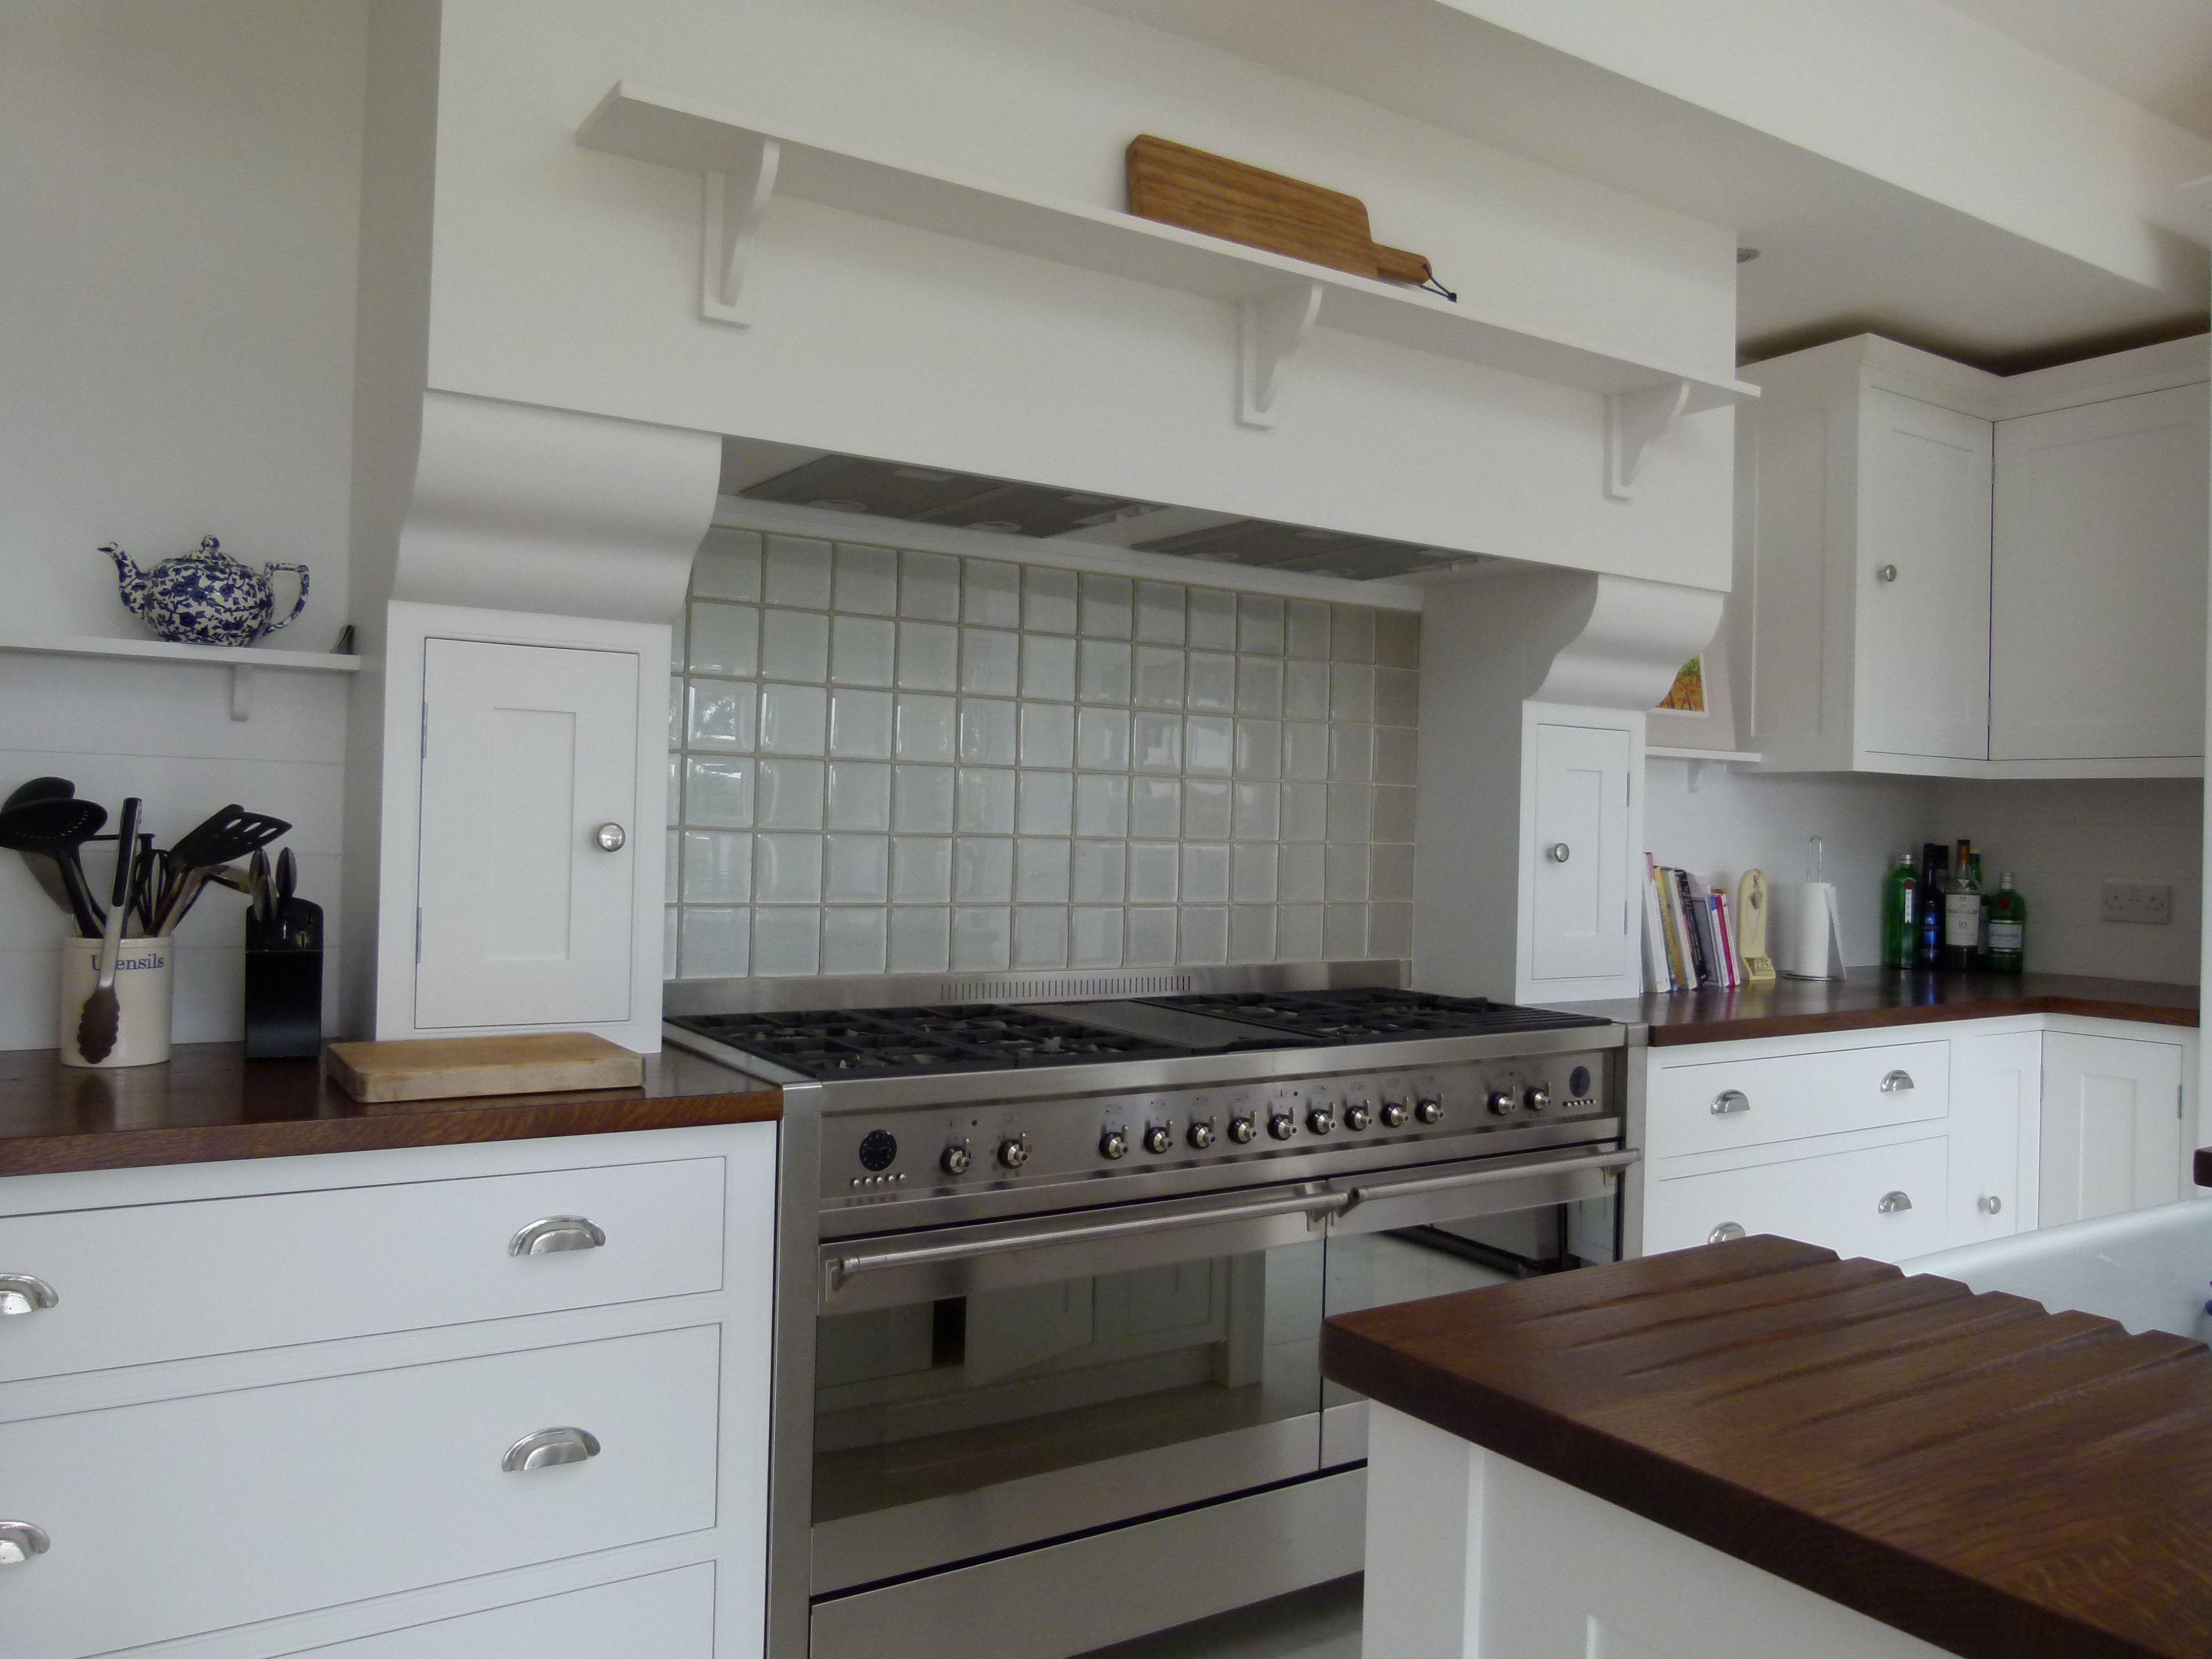 Badezimmerdesign 7 x 5 the white kitchen  Кухни  pinterest  kitchens